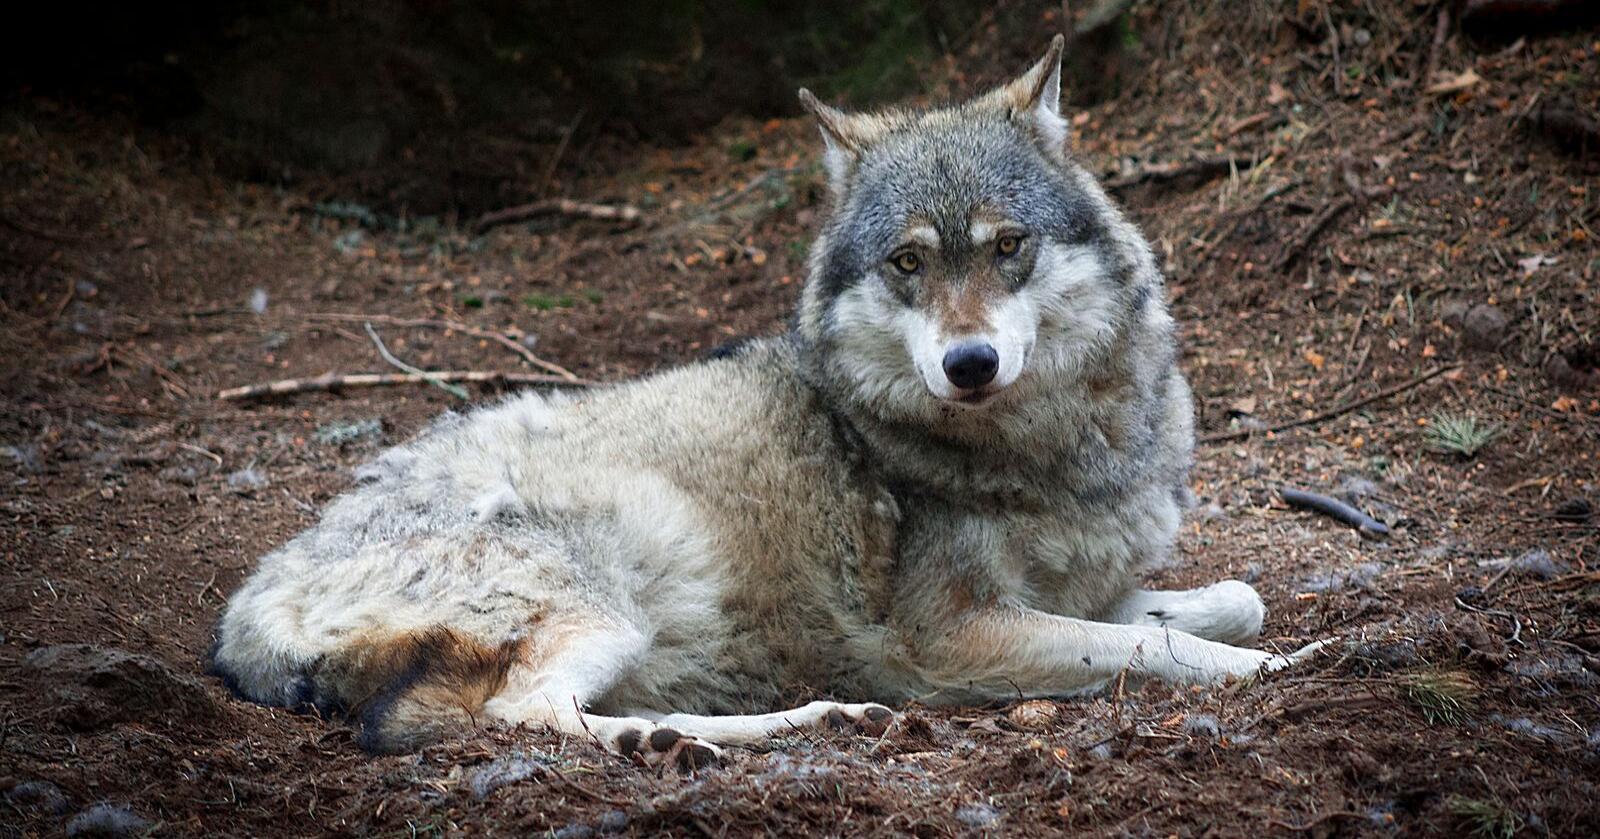 Samtidig som jegerne skal jakta på elg, bør det gis mulighet til å felle en ulv i området Stange og Nord-Odal, samt de deler av Sør-Odal, Eidsvold og Nes, mener allmenningene. Illustrasjonsfoto: Mostphotos